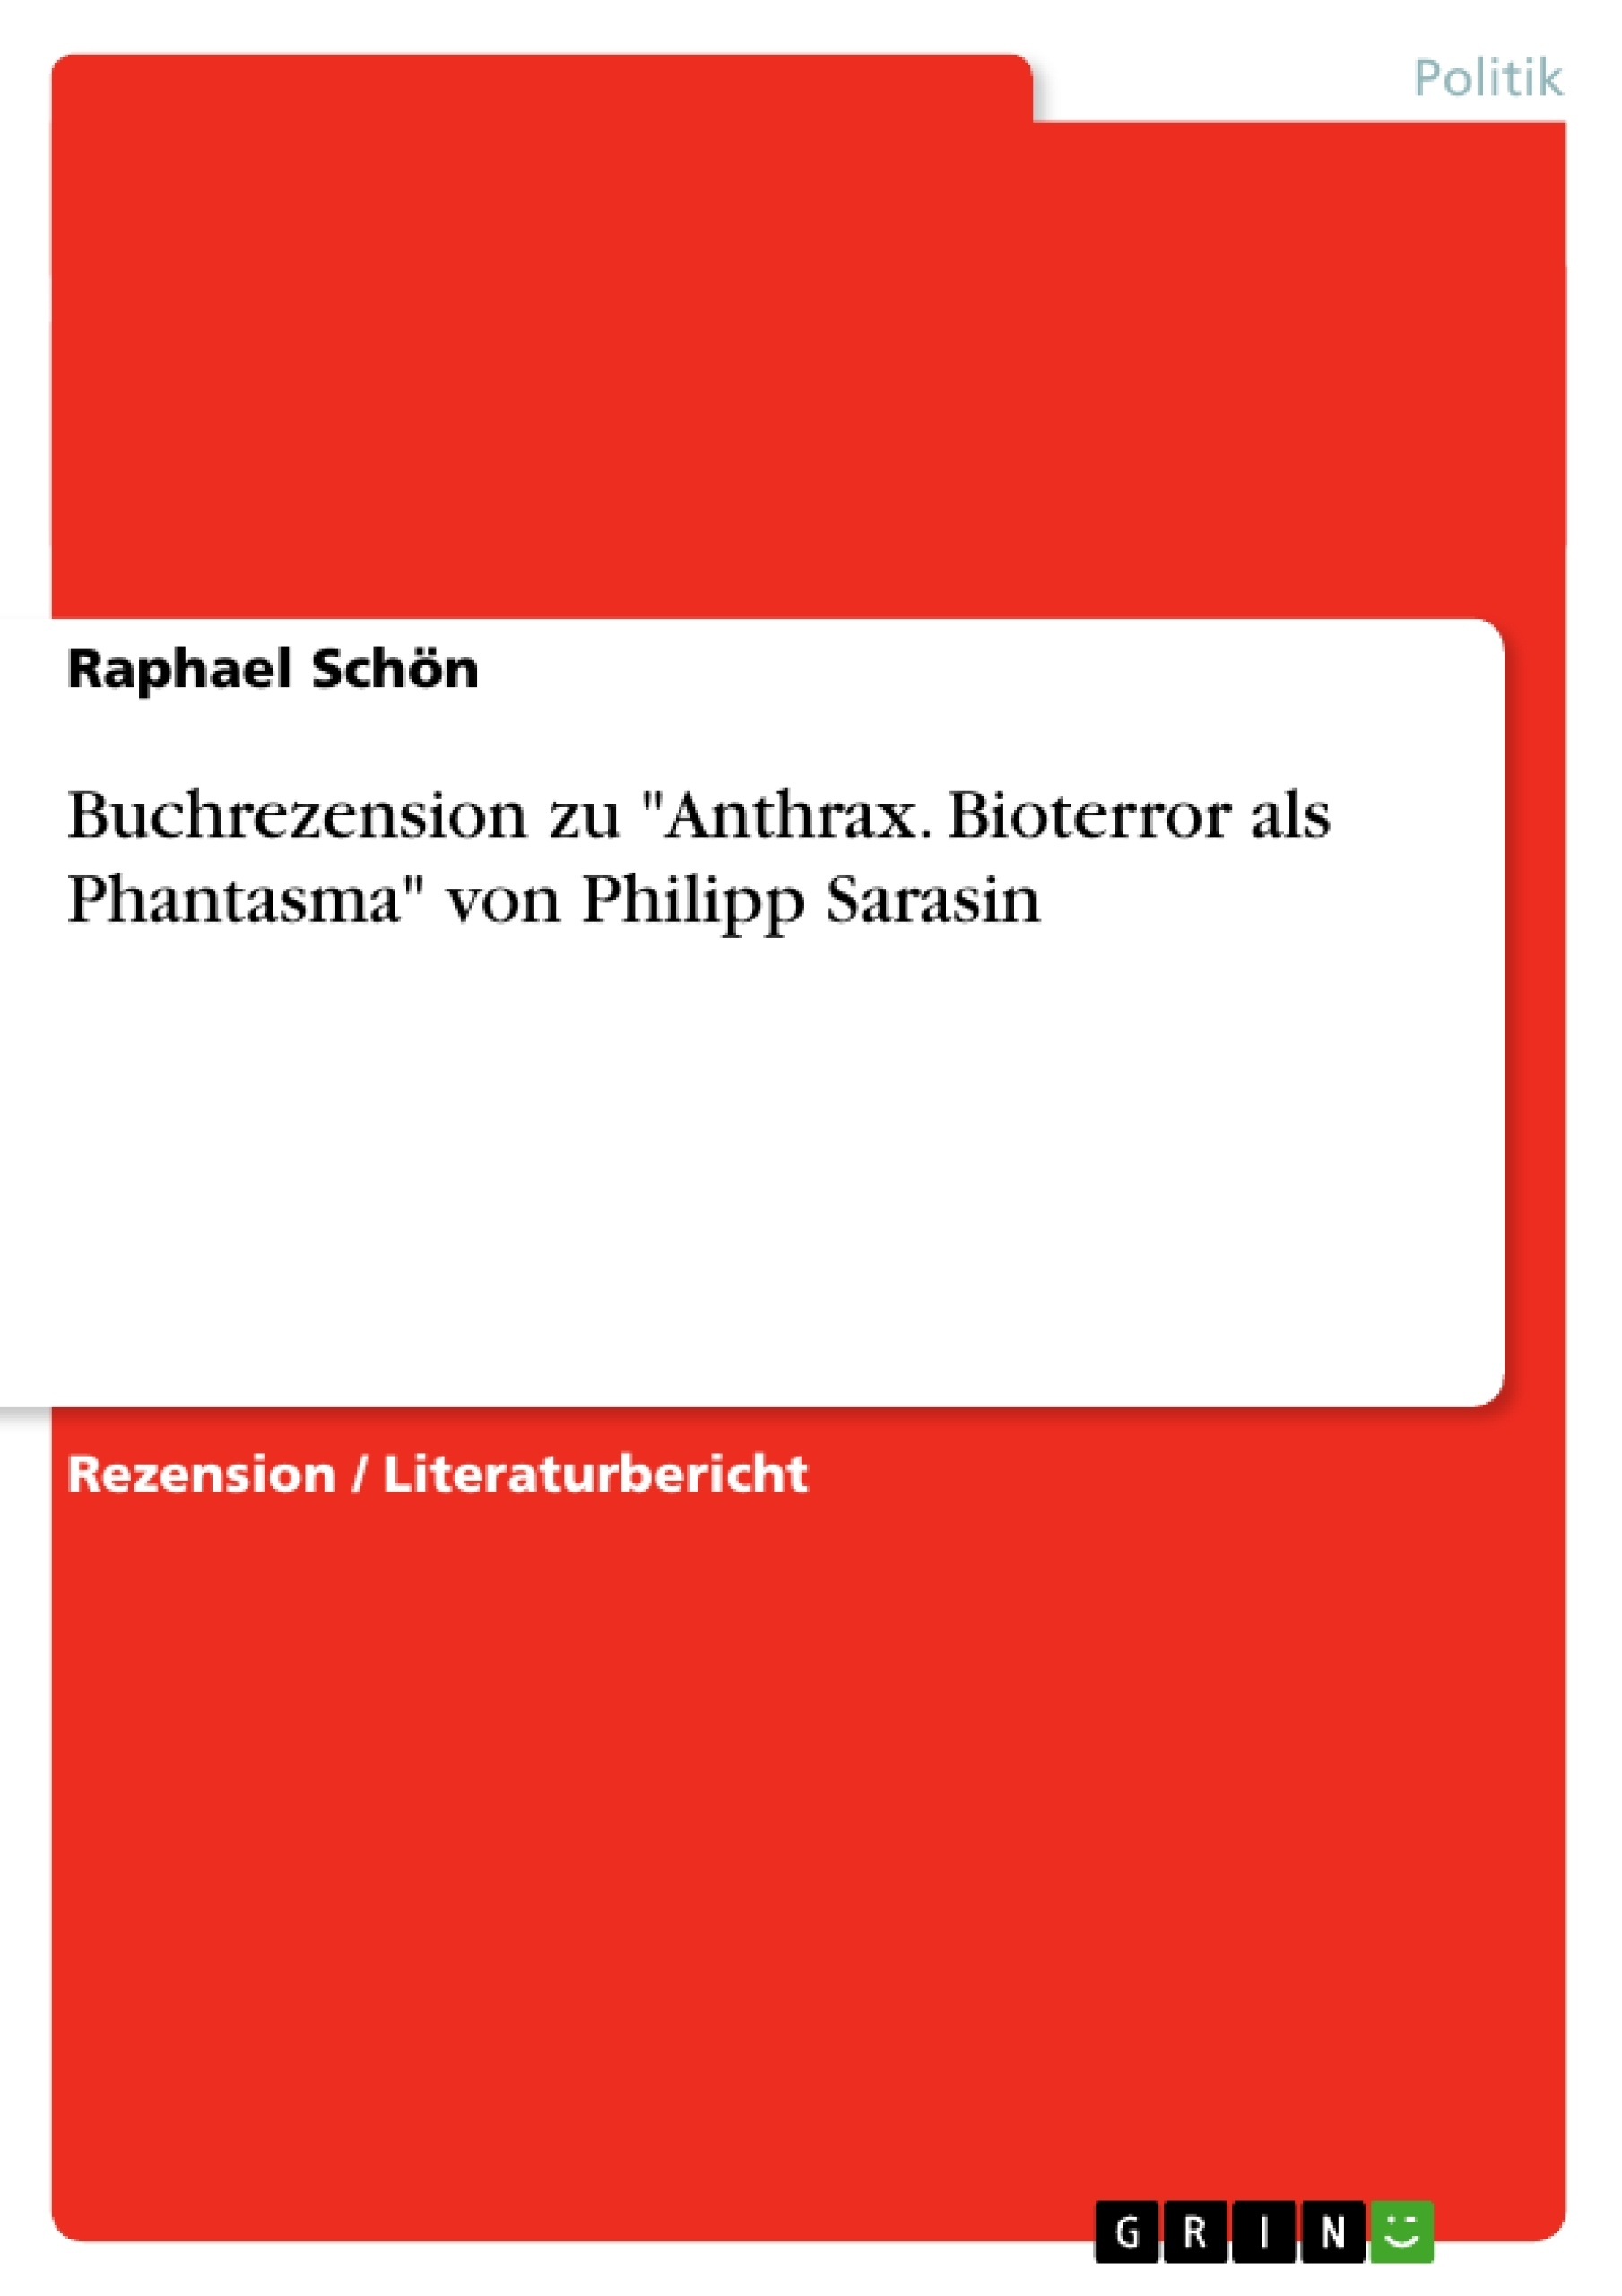 """Titel: Buchrezension zu """"Anthrax. Bioterror als Phantasma"""" von Philipp Sarasin"""